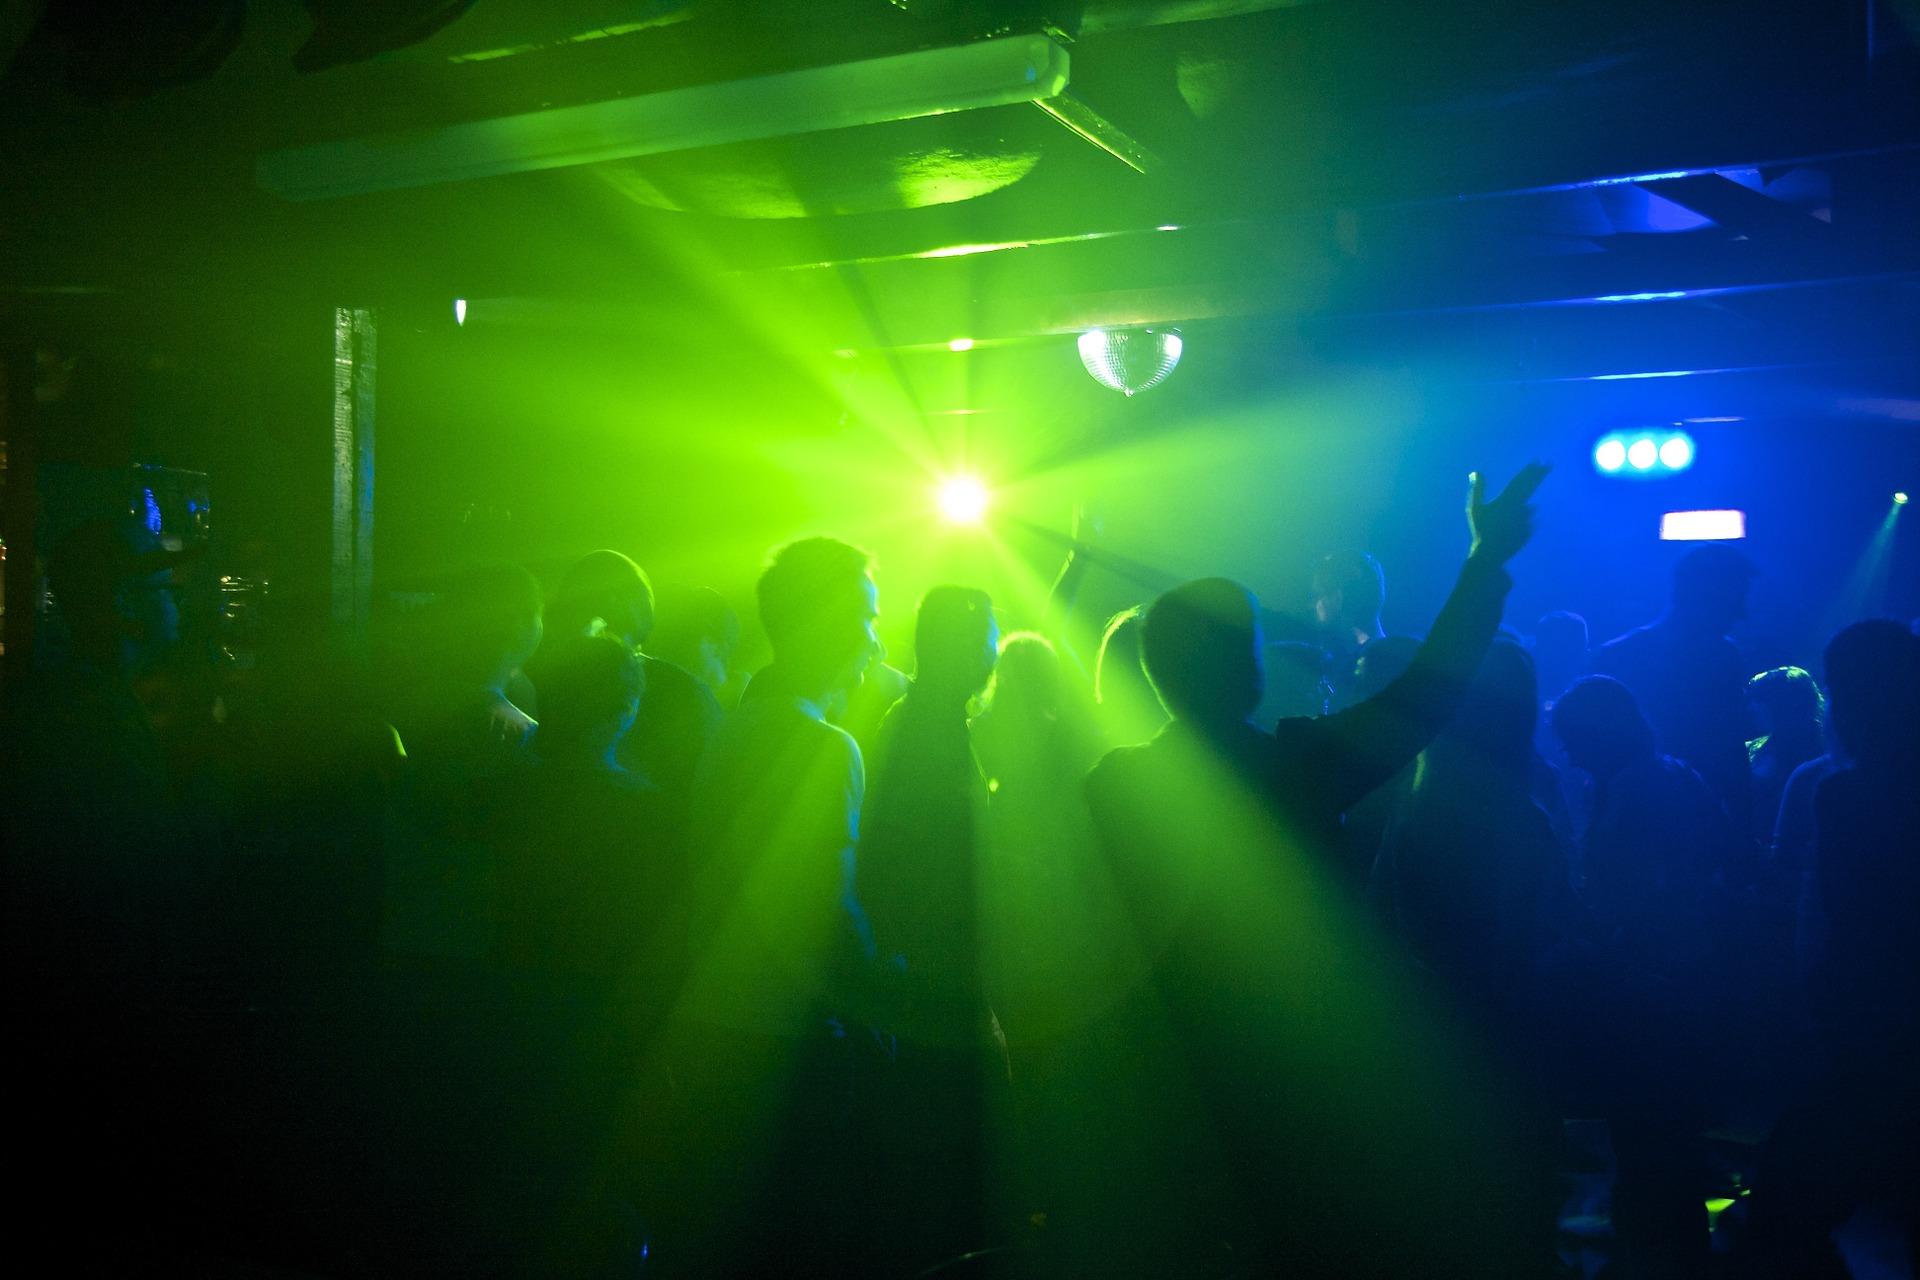 фотографии в клубе темно угораздило связаться неверными